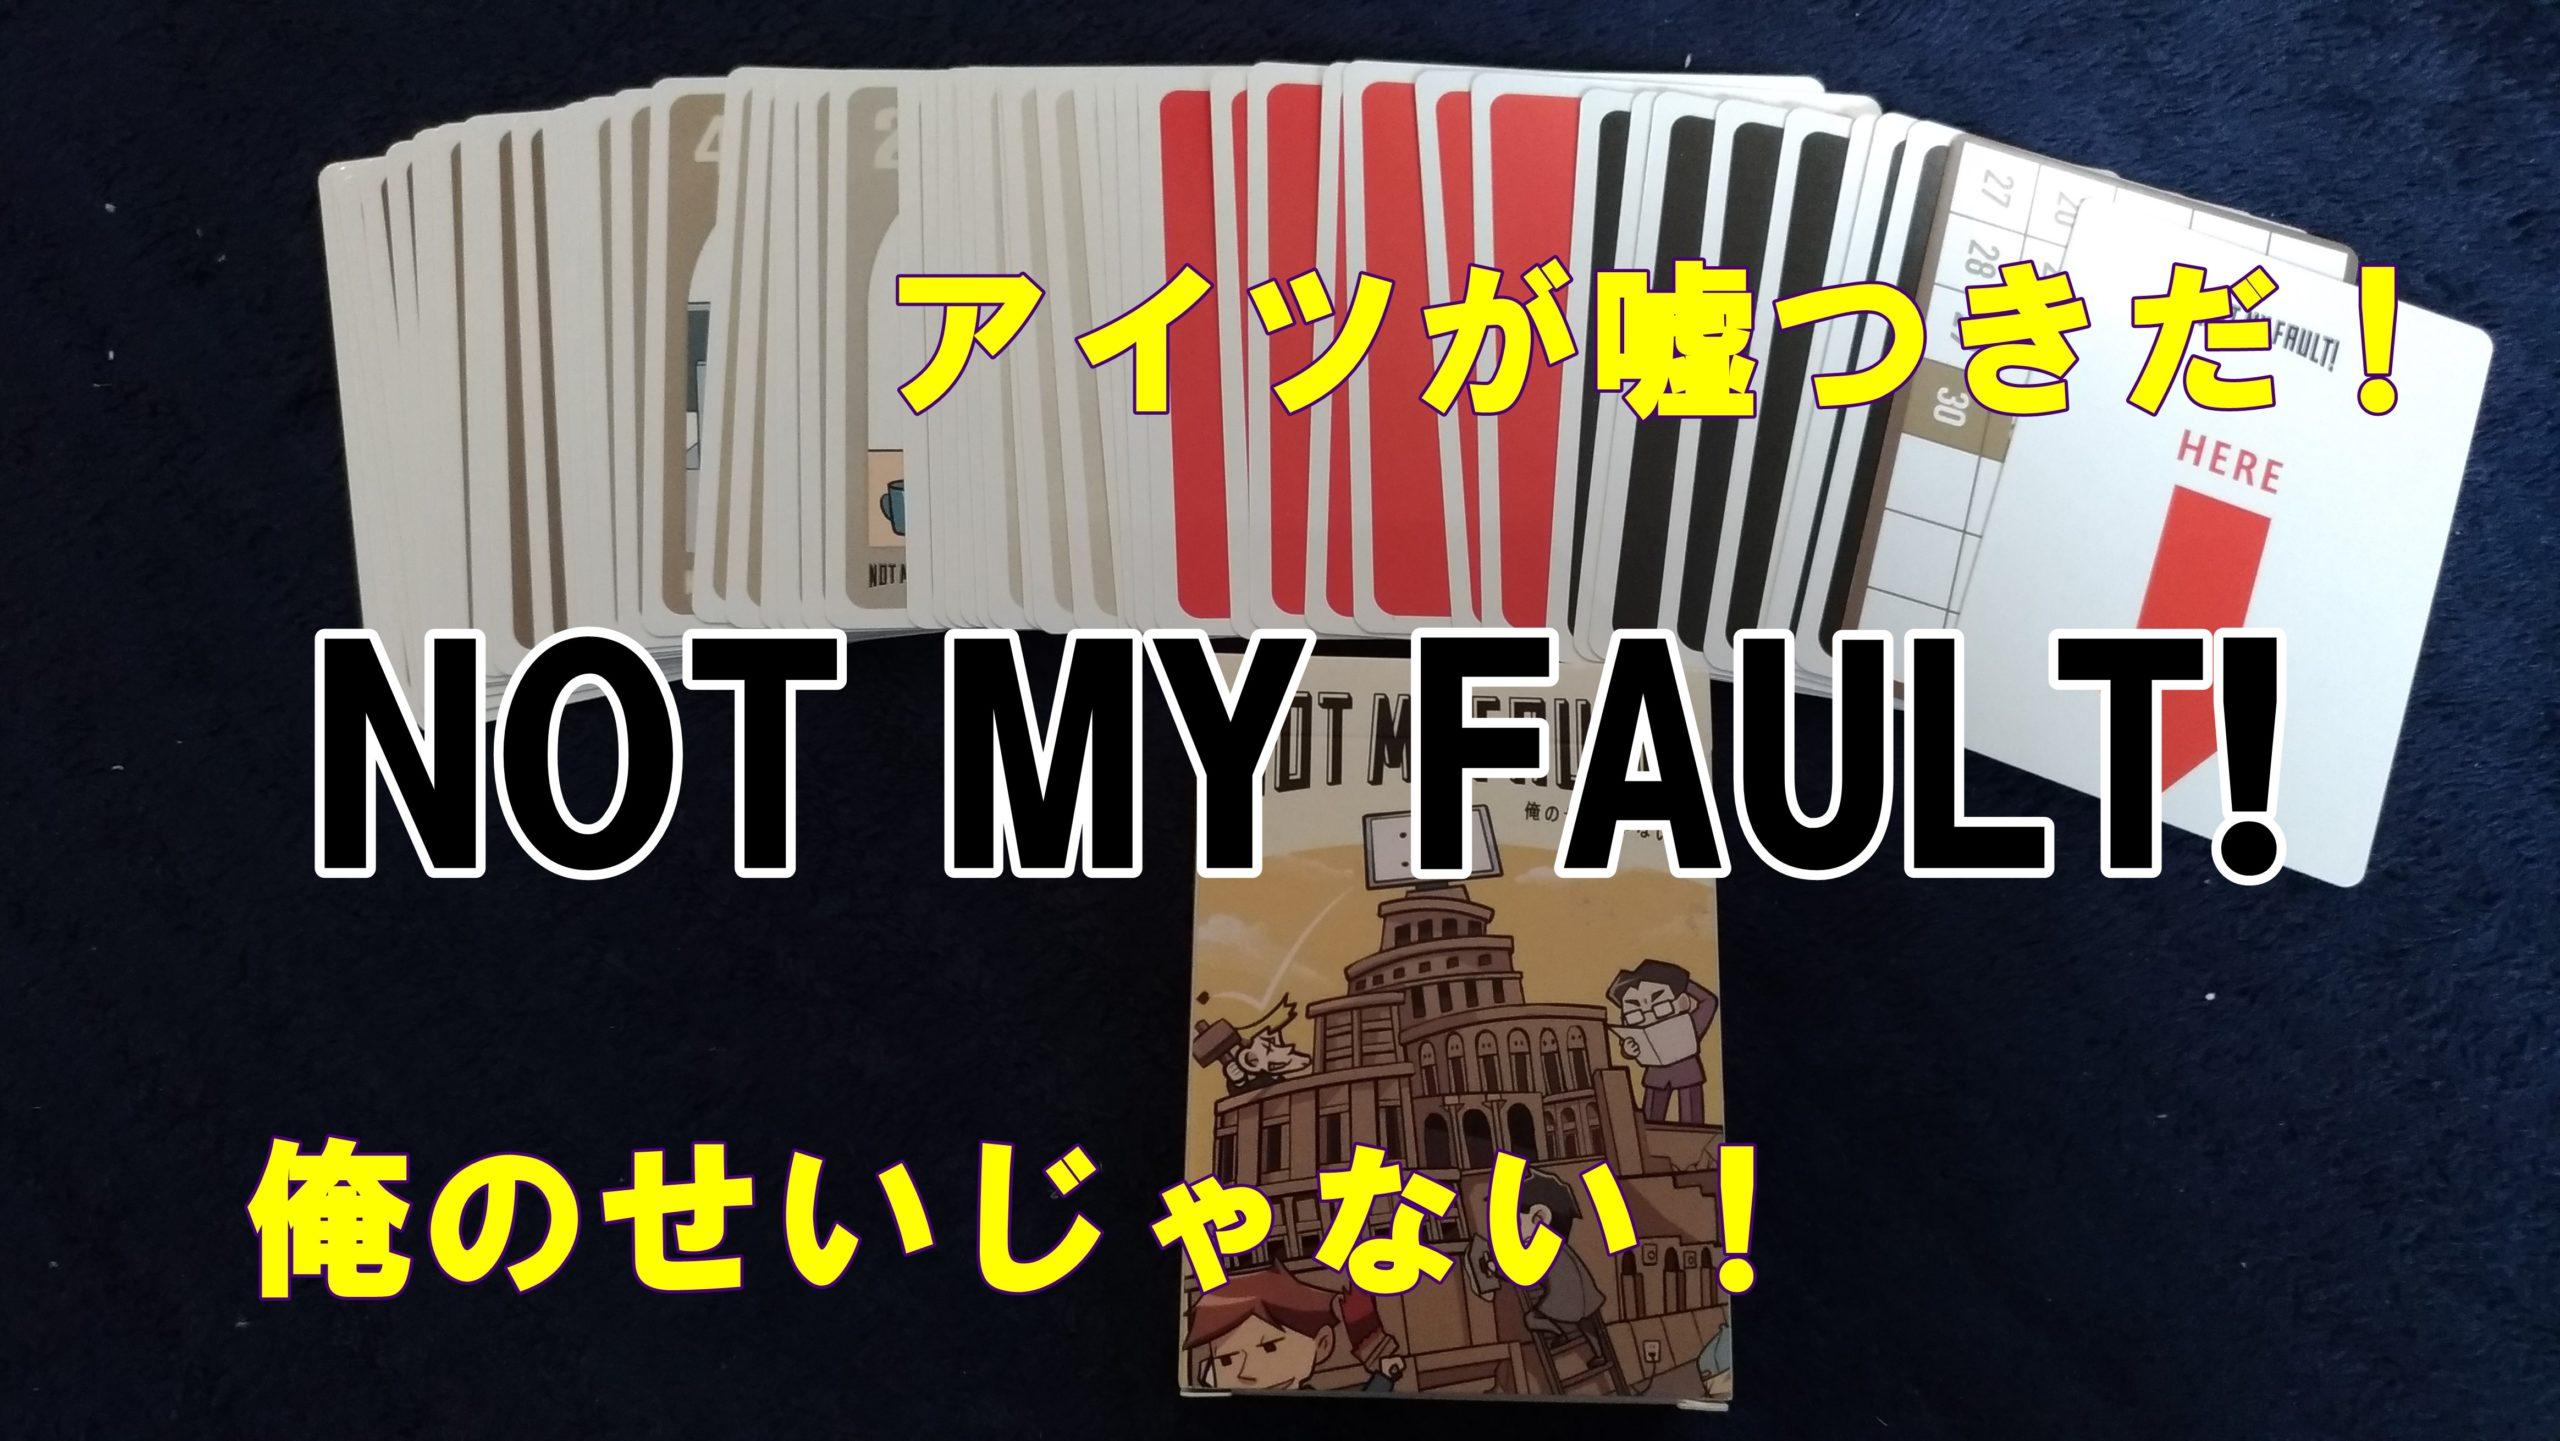 【ボドゲ紹介】NOT MY FAULT!(おれのせいじゃない!)【ルール&レビュー】